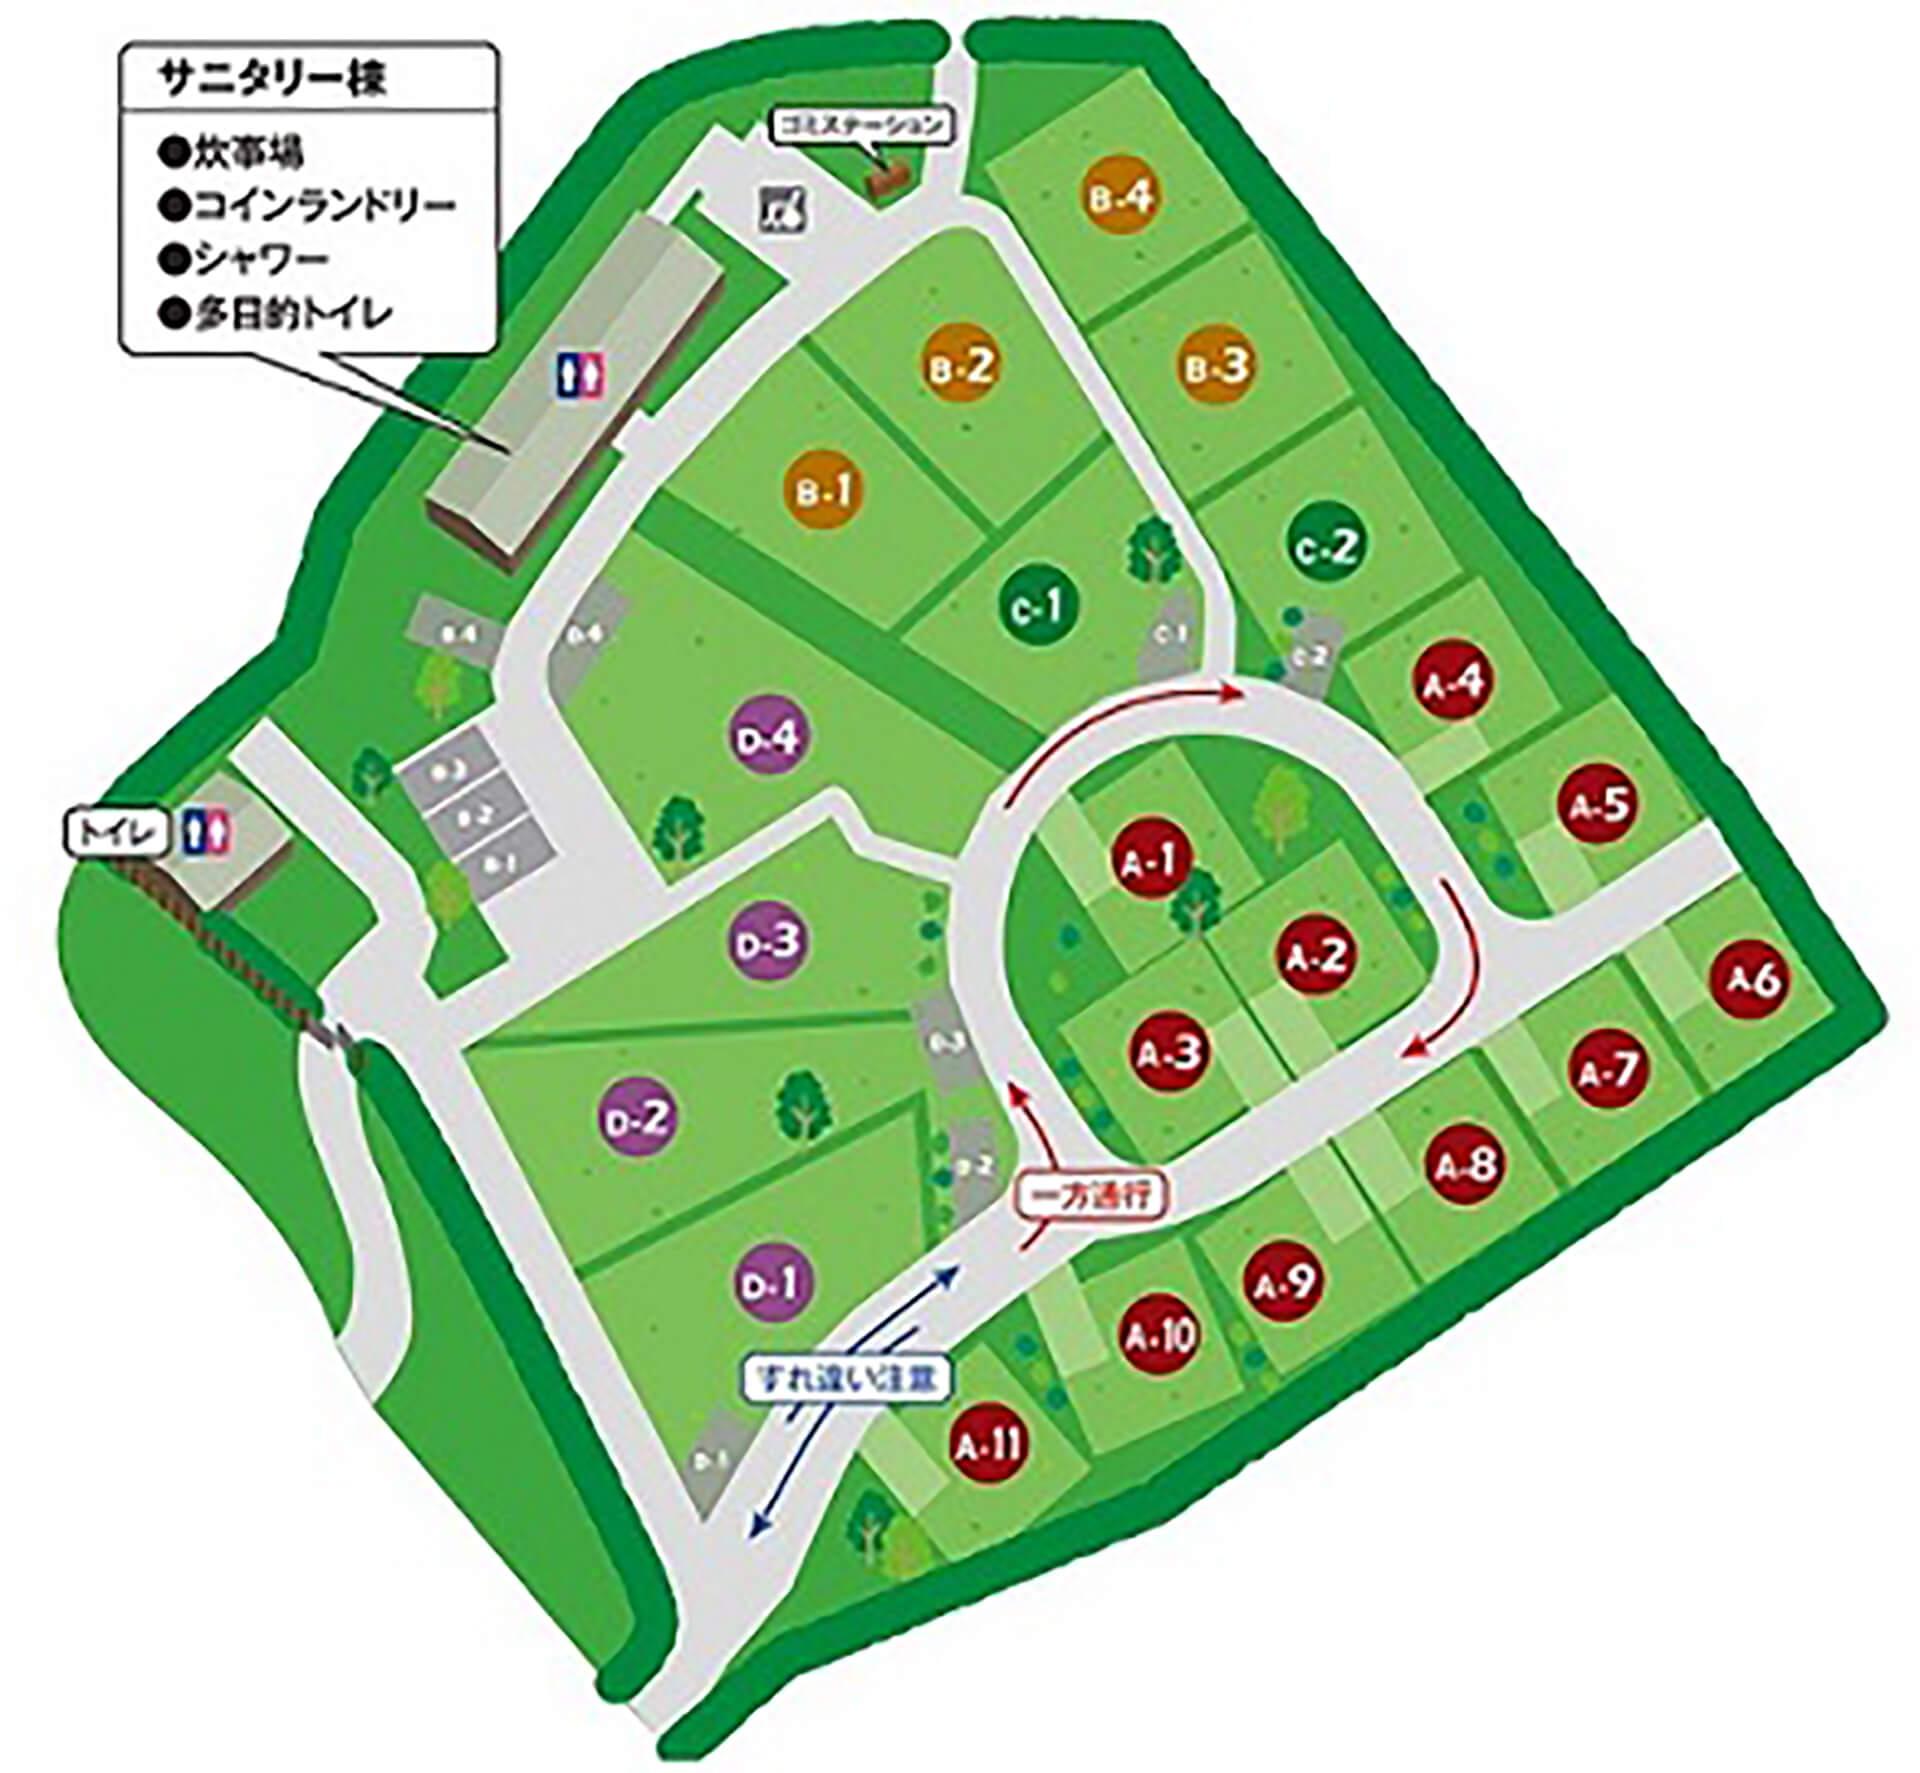 東京サマーランド・ドッグパーク「わんダフルネイチャーヴィレッジ」